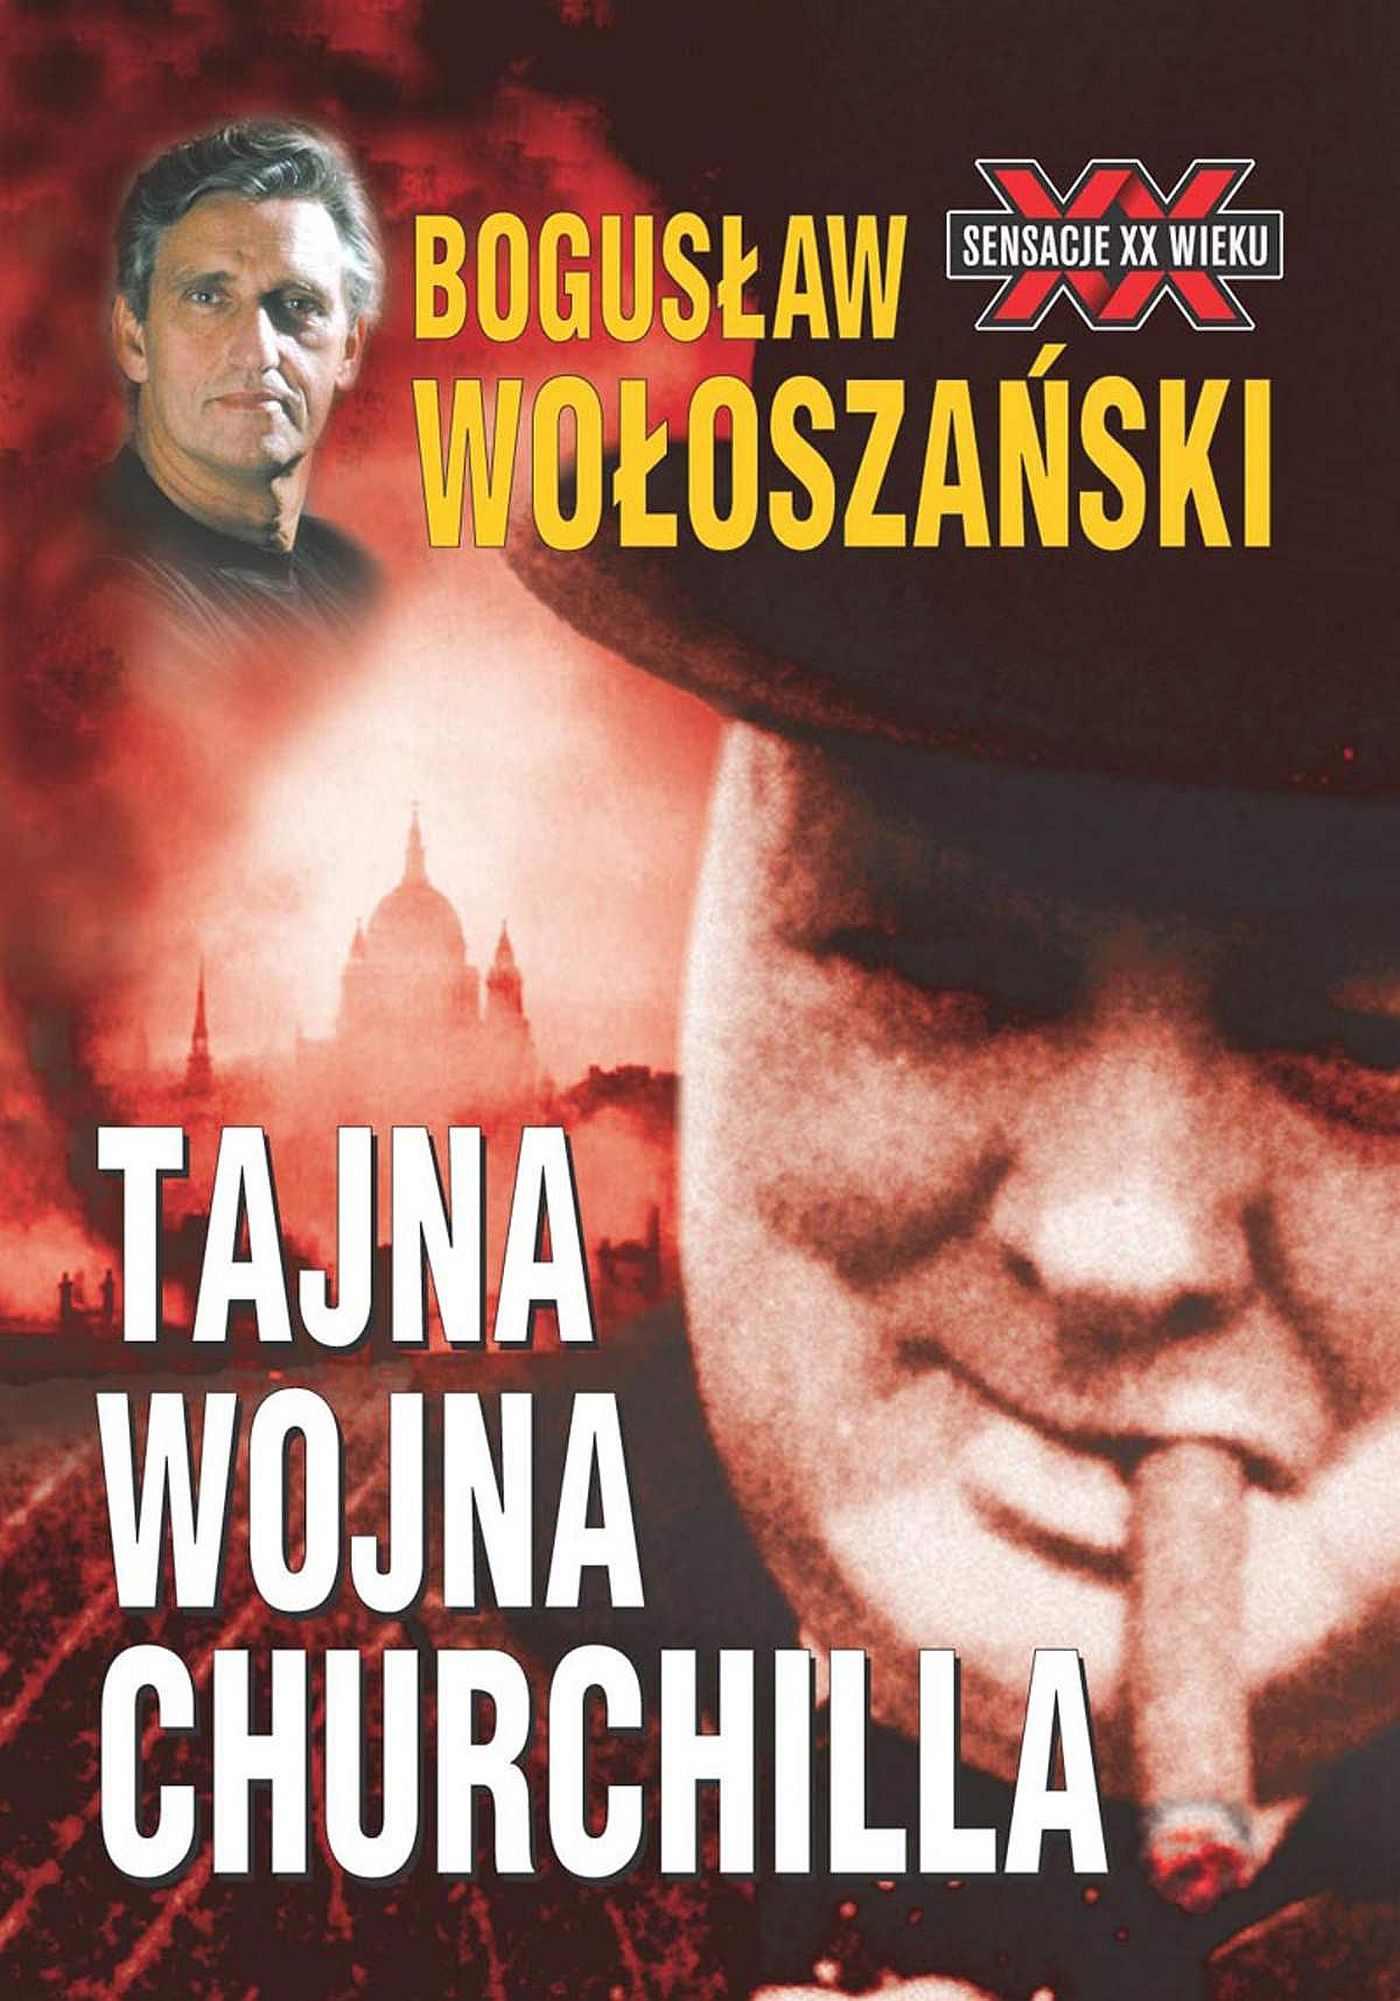 Tajna Wojna Churchilla - Ebook (Książka EPUB) do pobrania w formacie EPUB